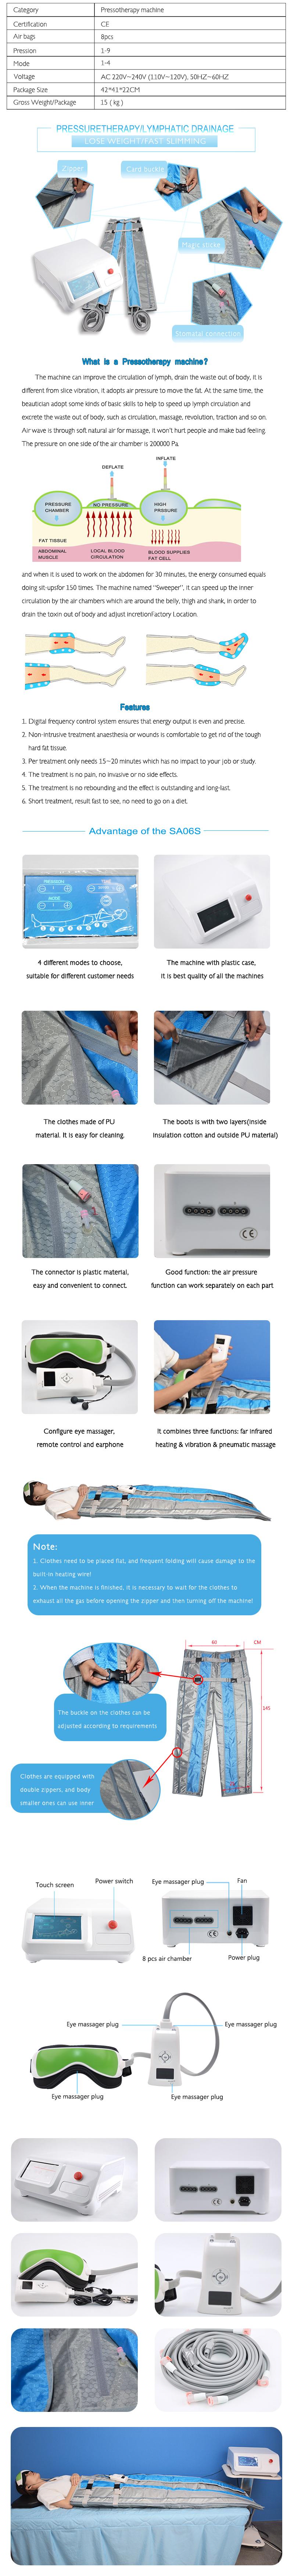 SA06s Presotherapy machine-Product Description